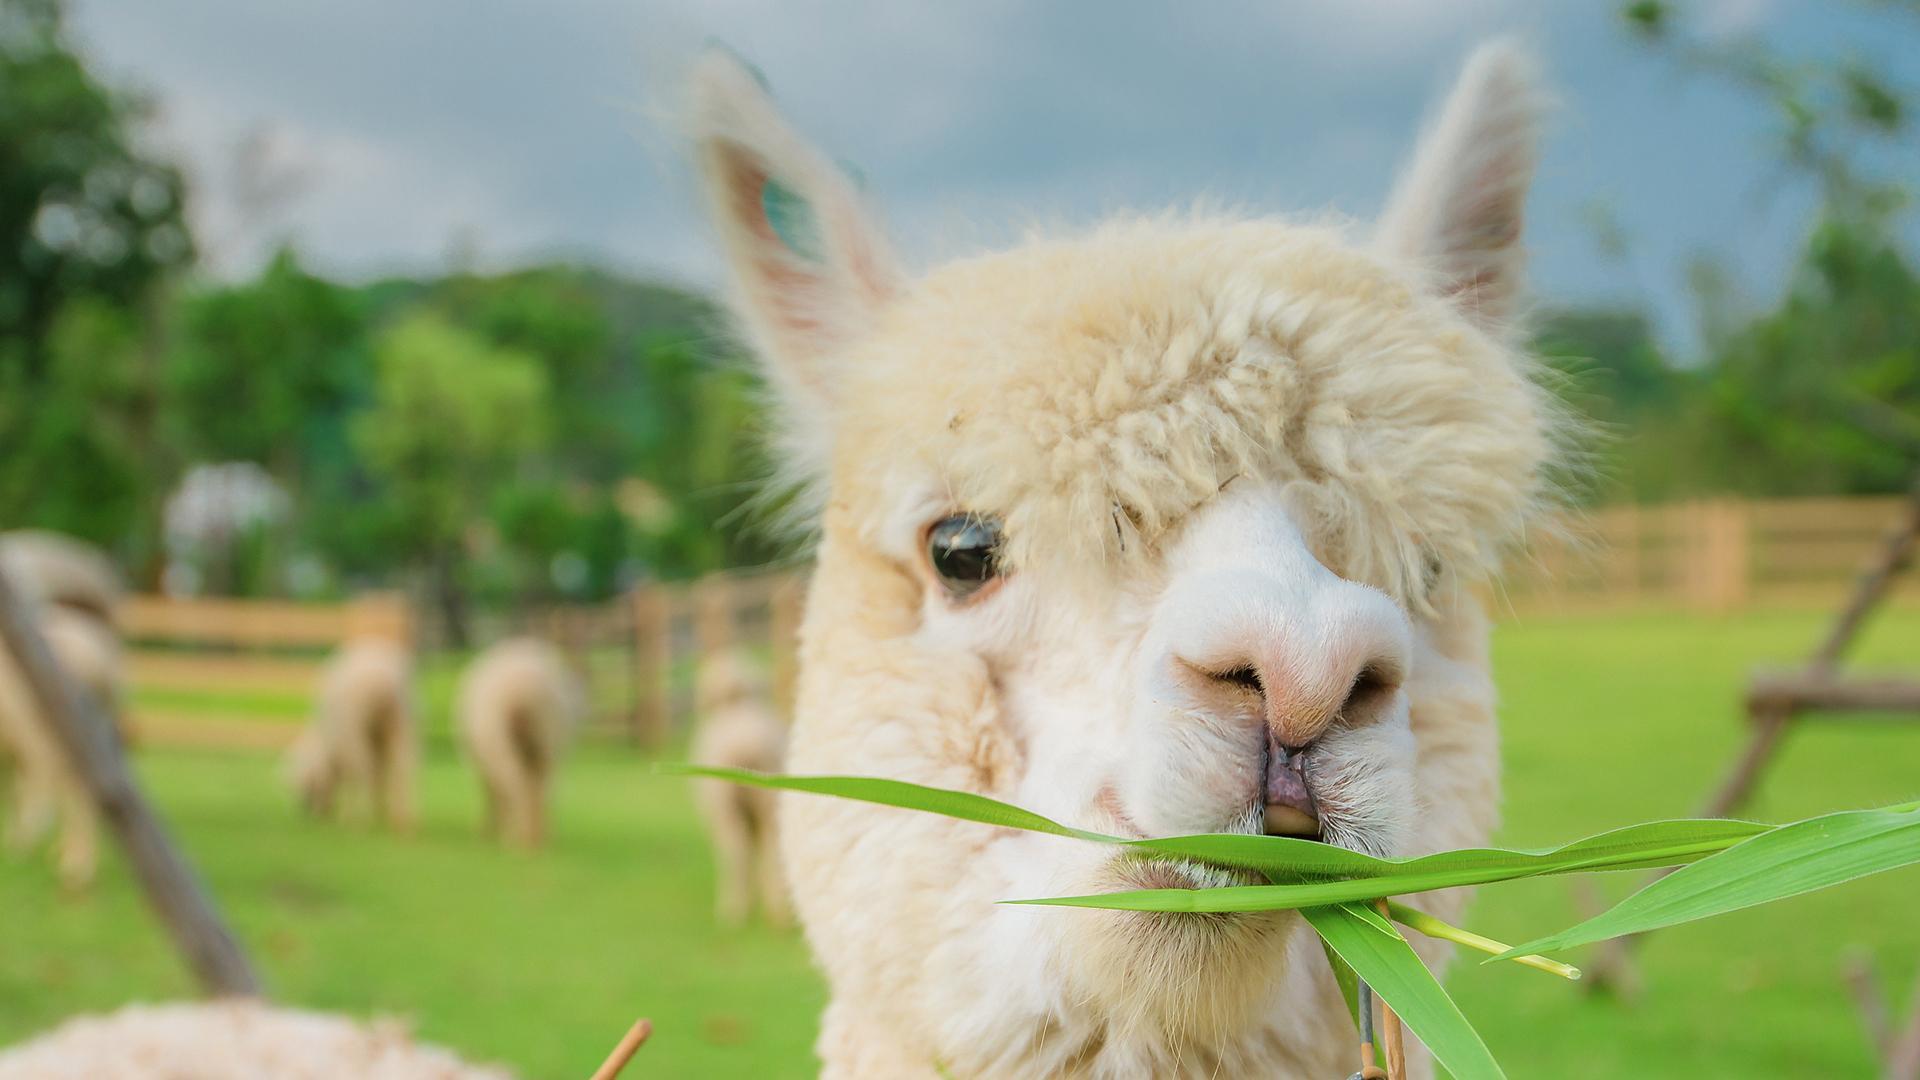 羊驼养殖_各年龄段羊驼厂家现货_观赏展览羊驼市场价_【鸿金源萌宠养殖】